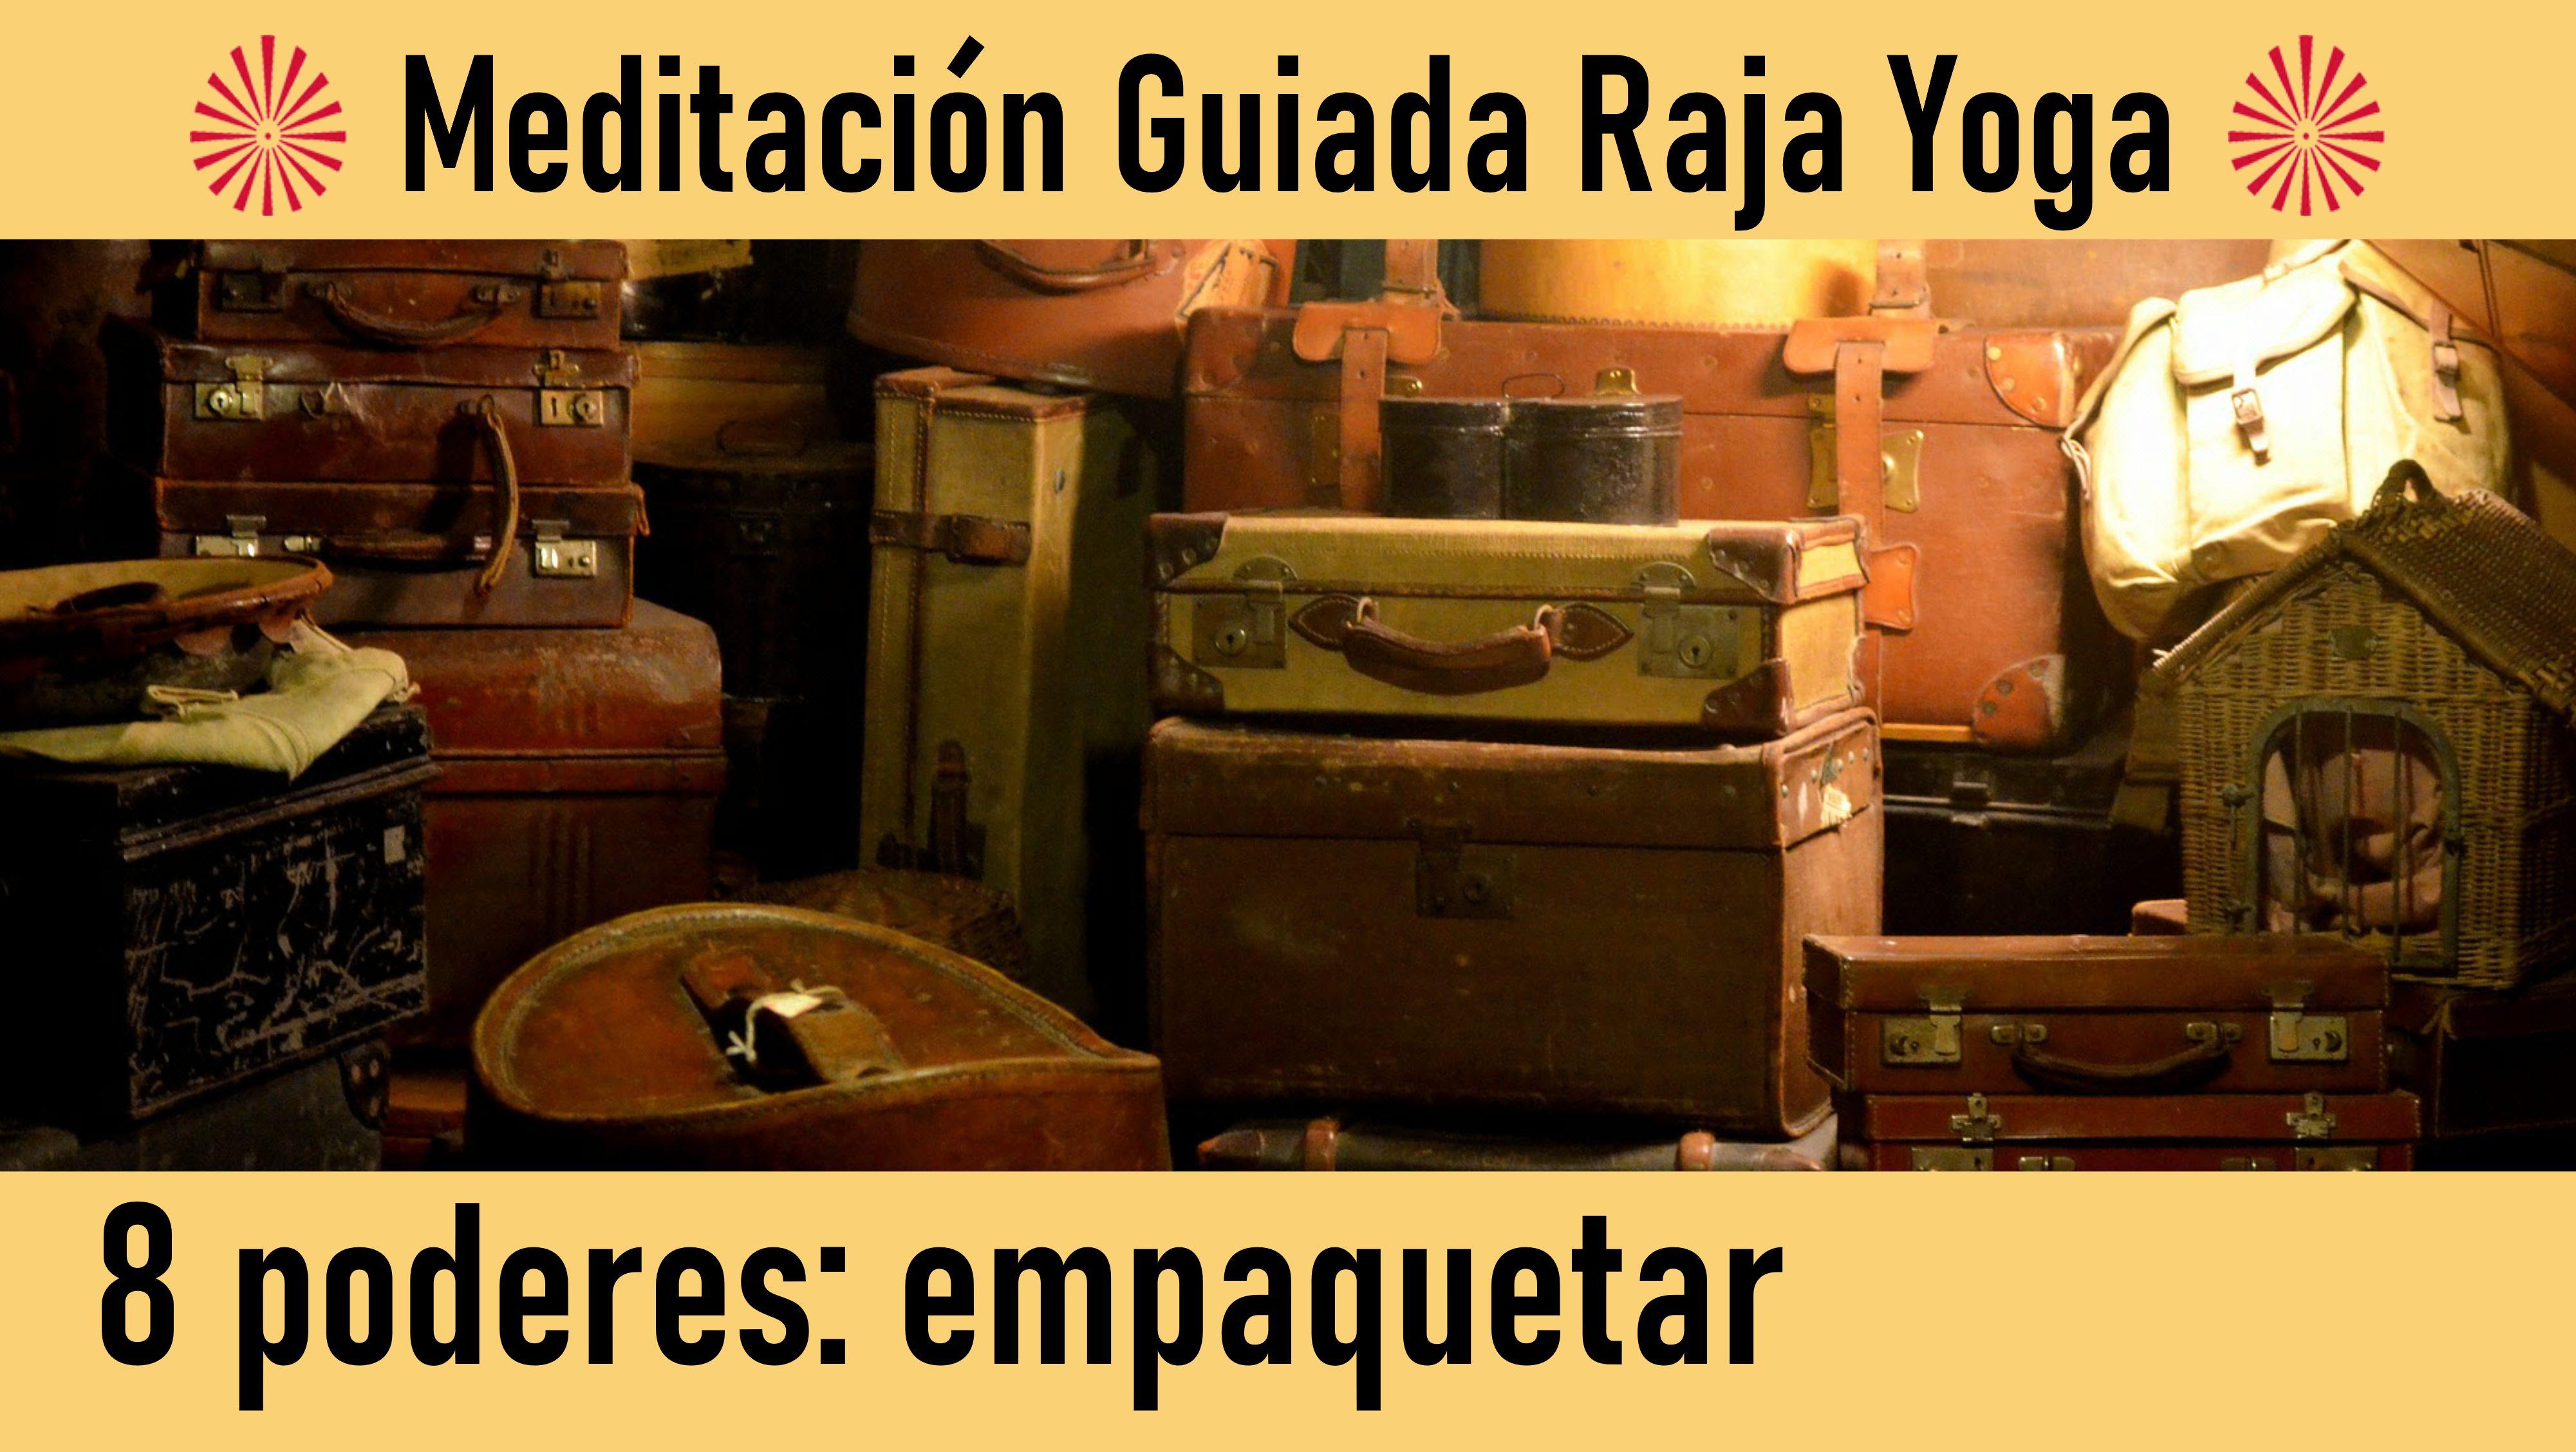 Meditación Raja Yoga: 8 Poderes: Empaquetar (16 Junio 2020) On-line desde Canarias